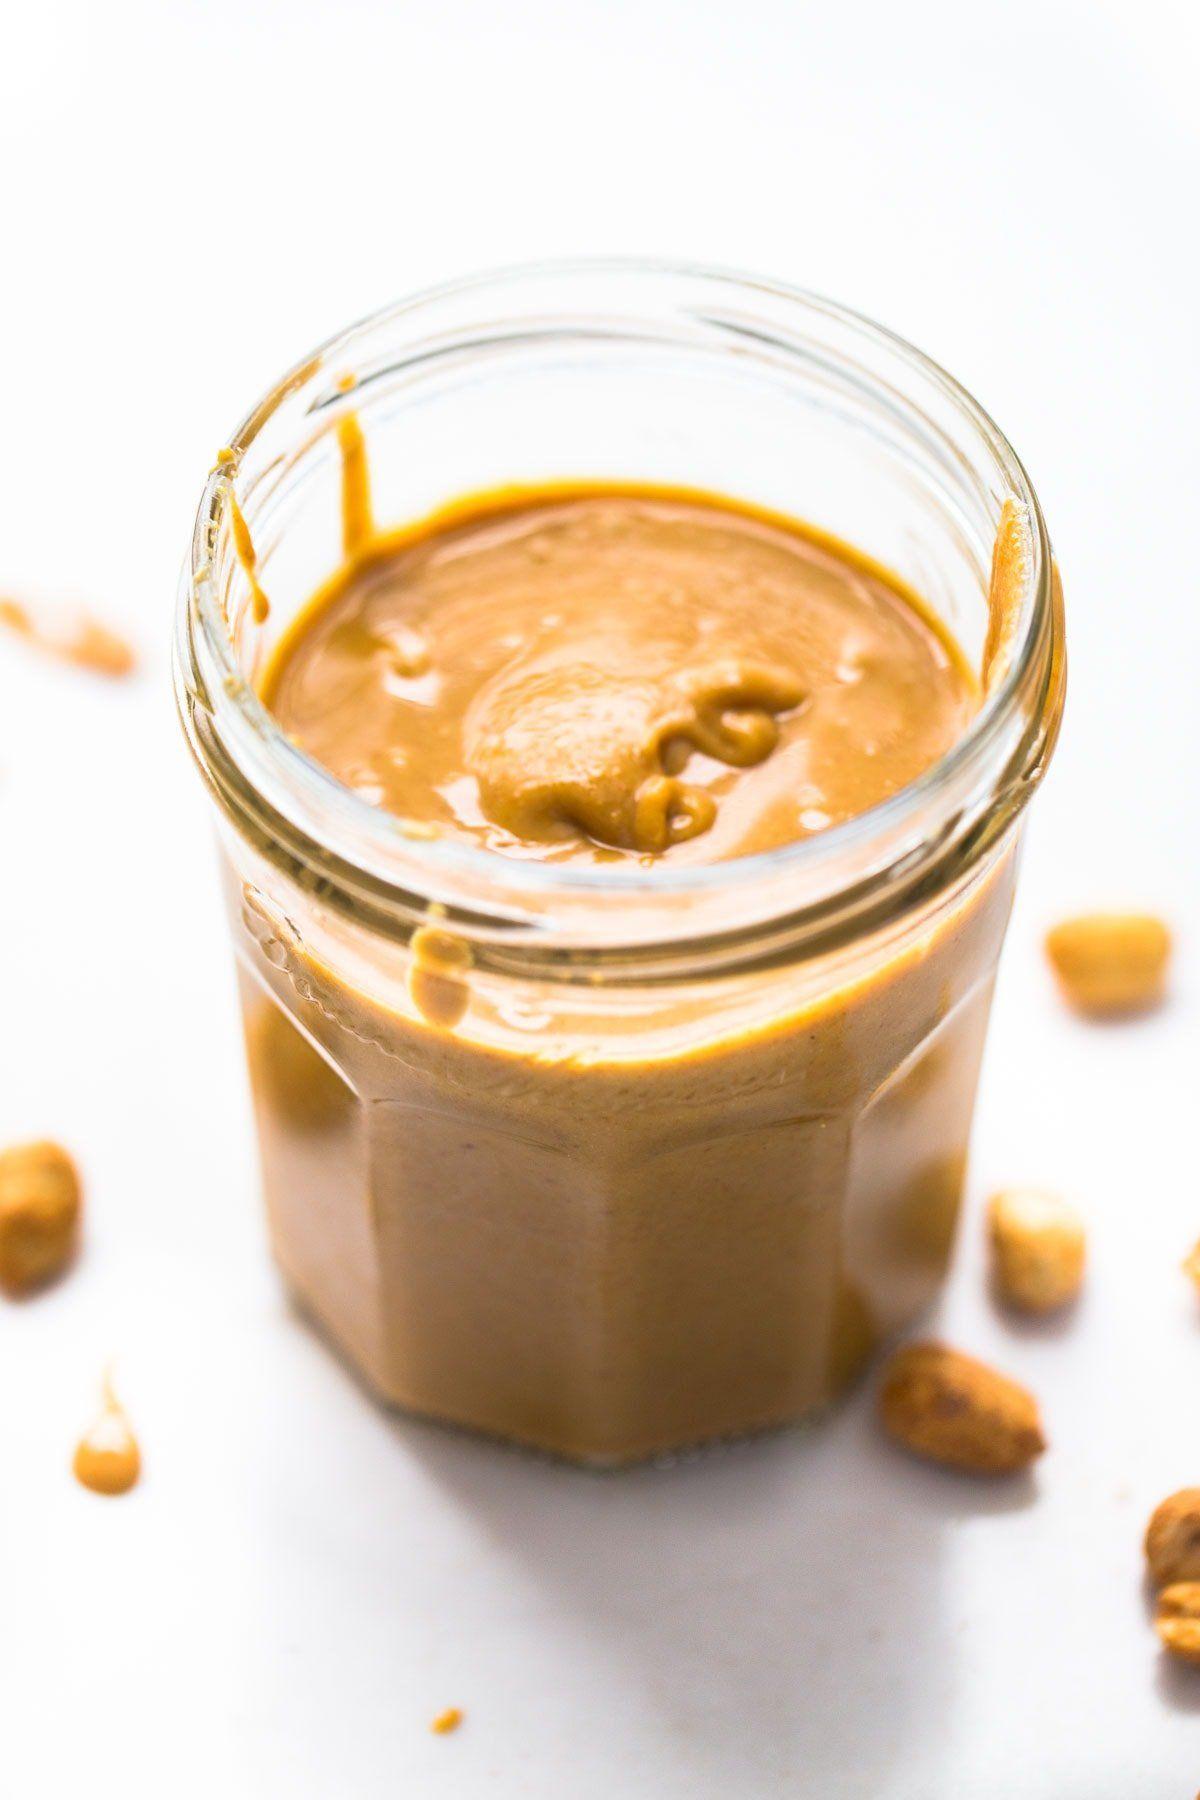 Peanut butter hand job